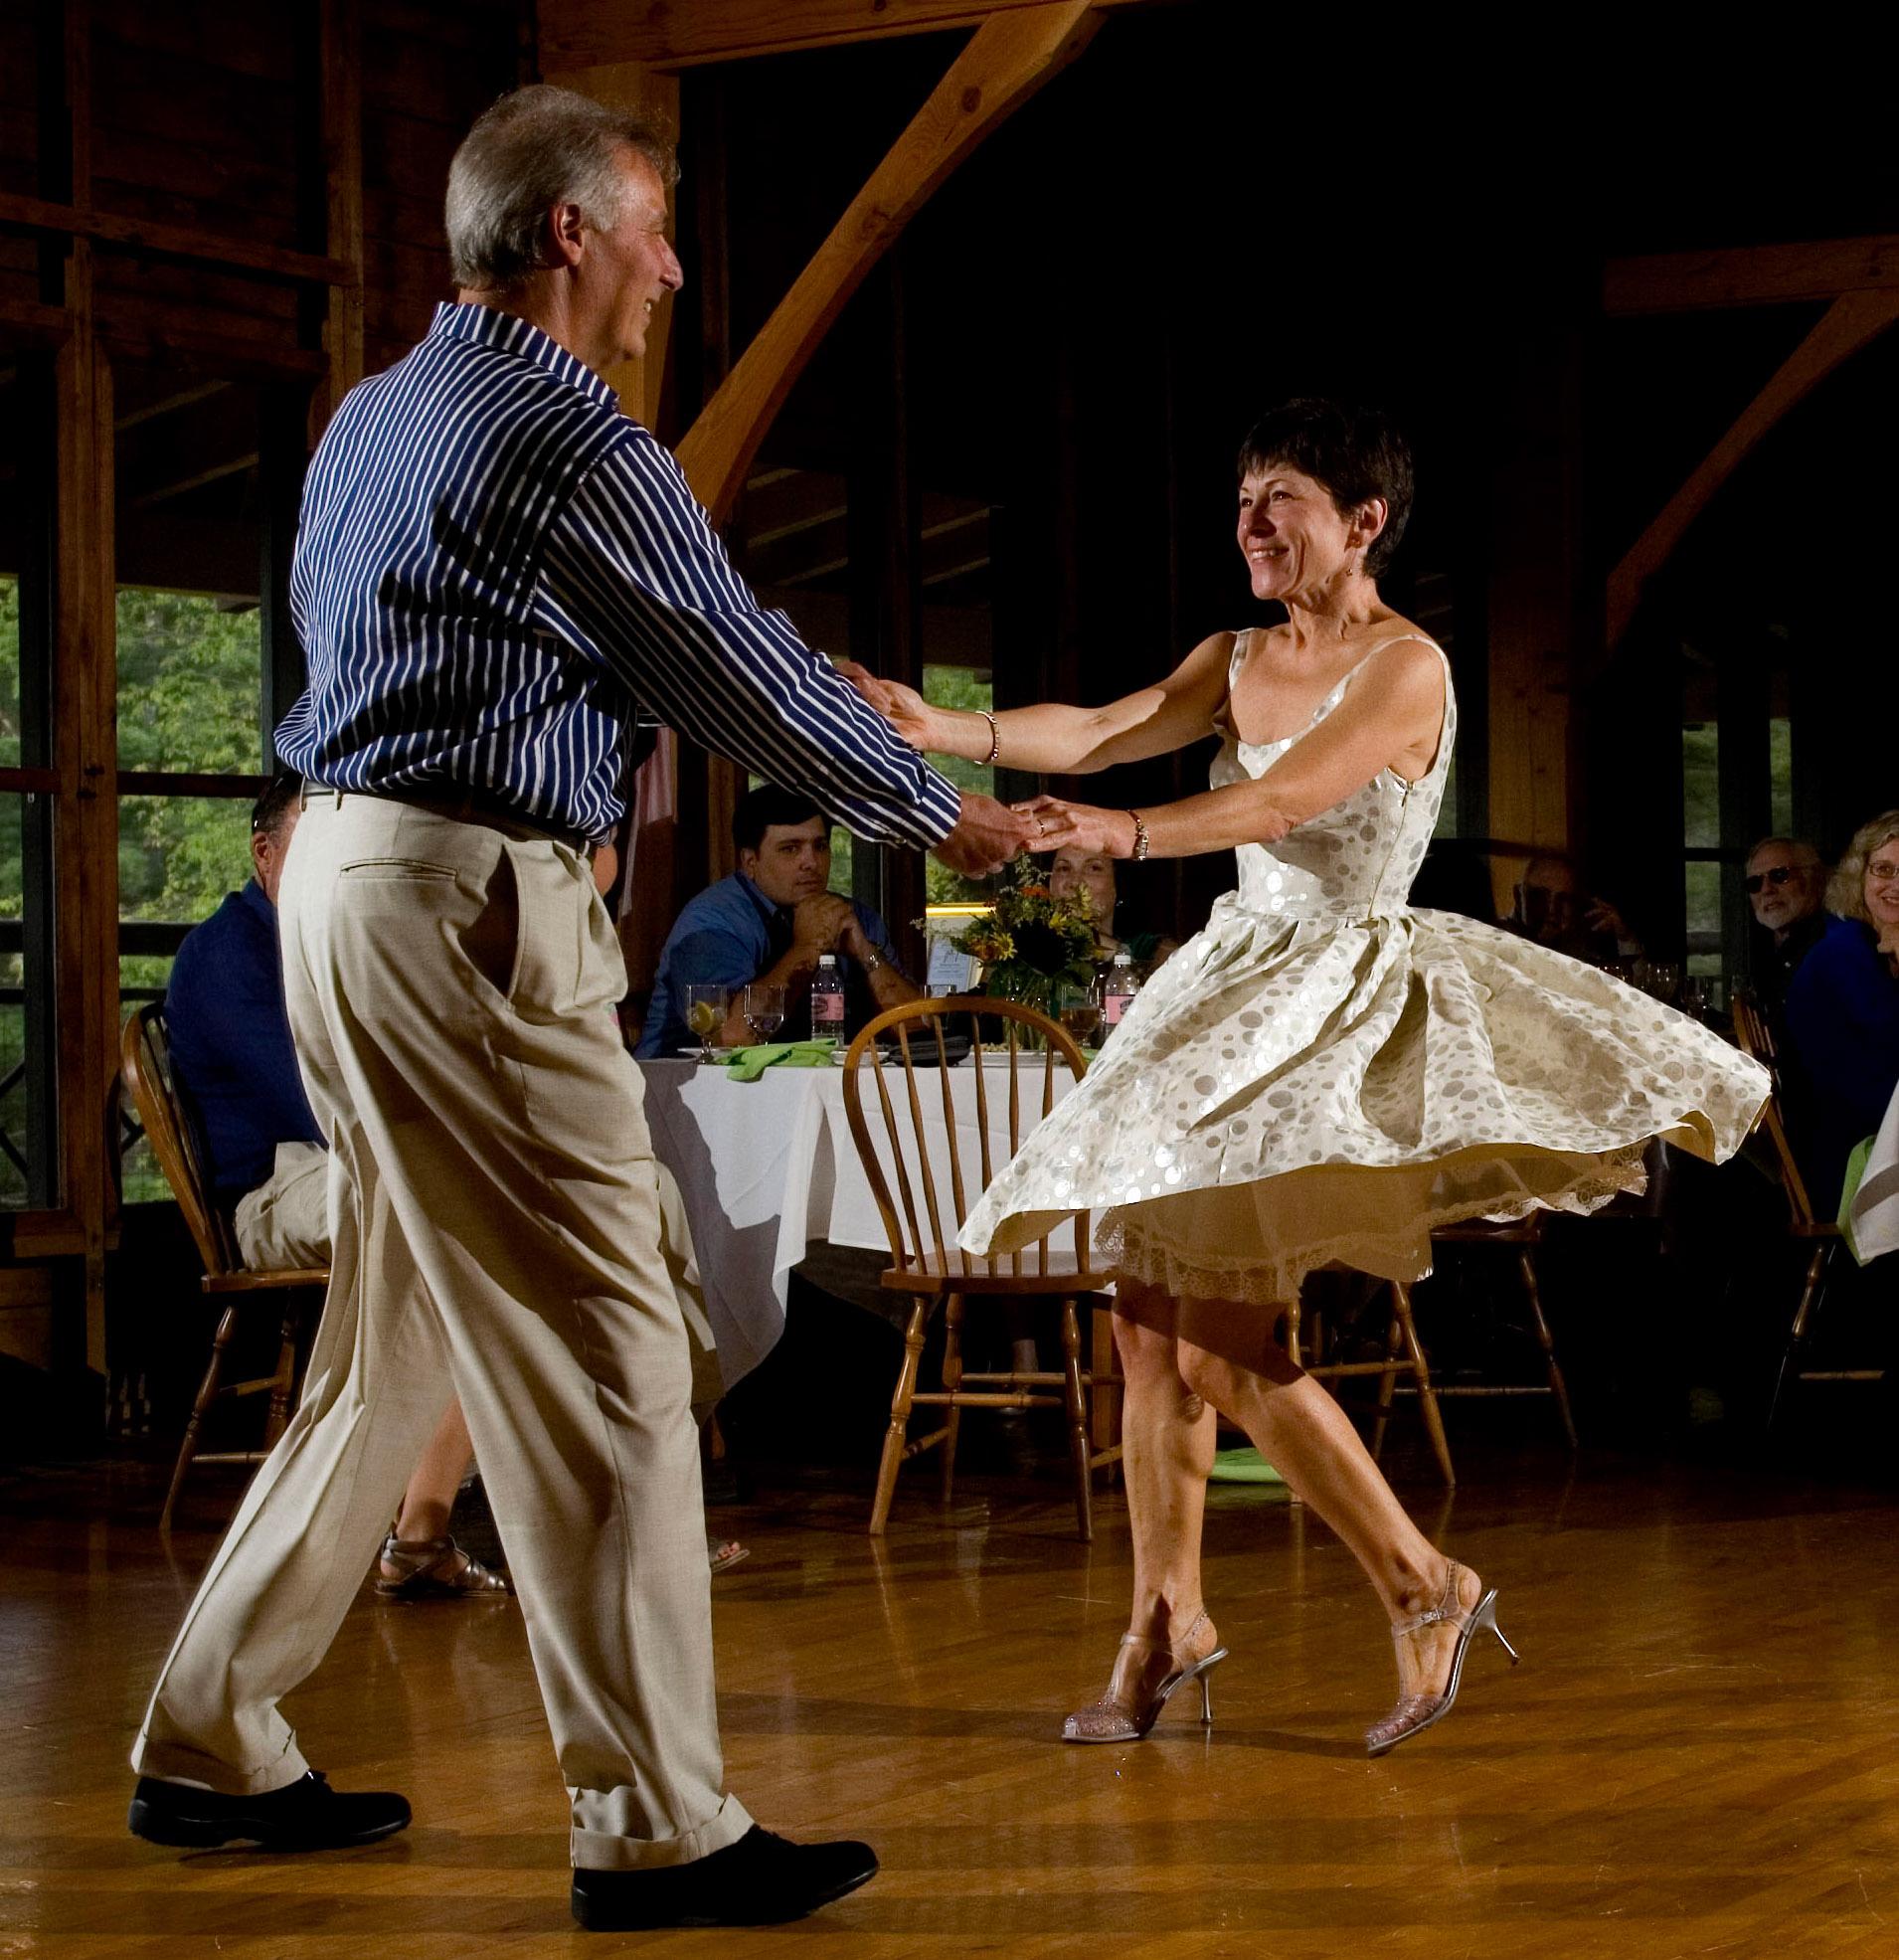 binder dance sq.jpg